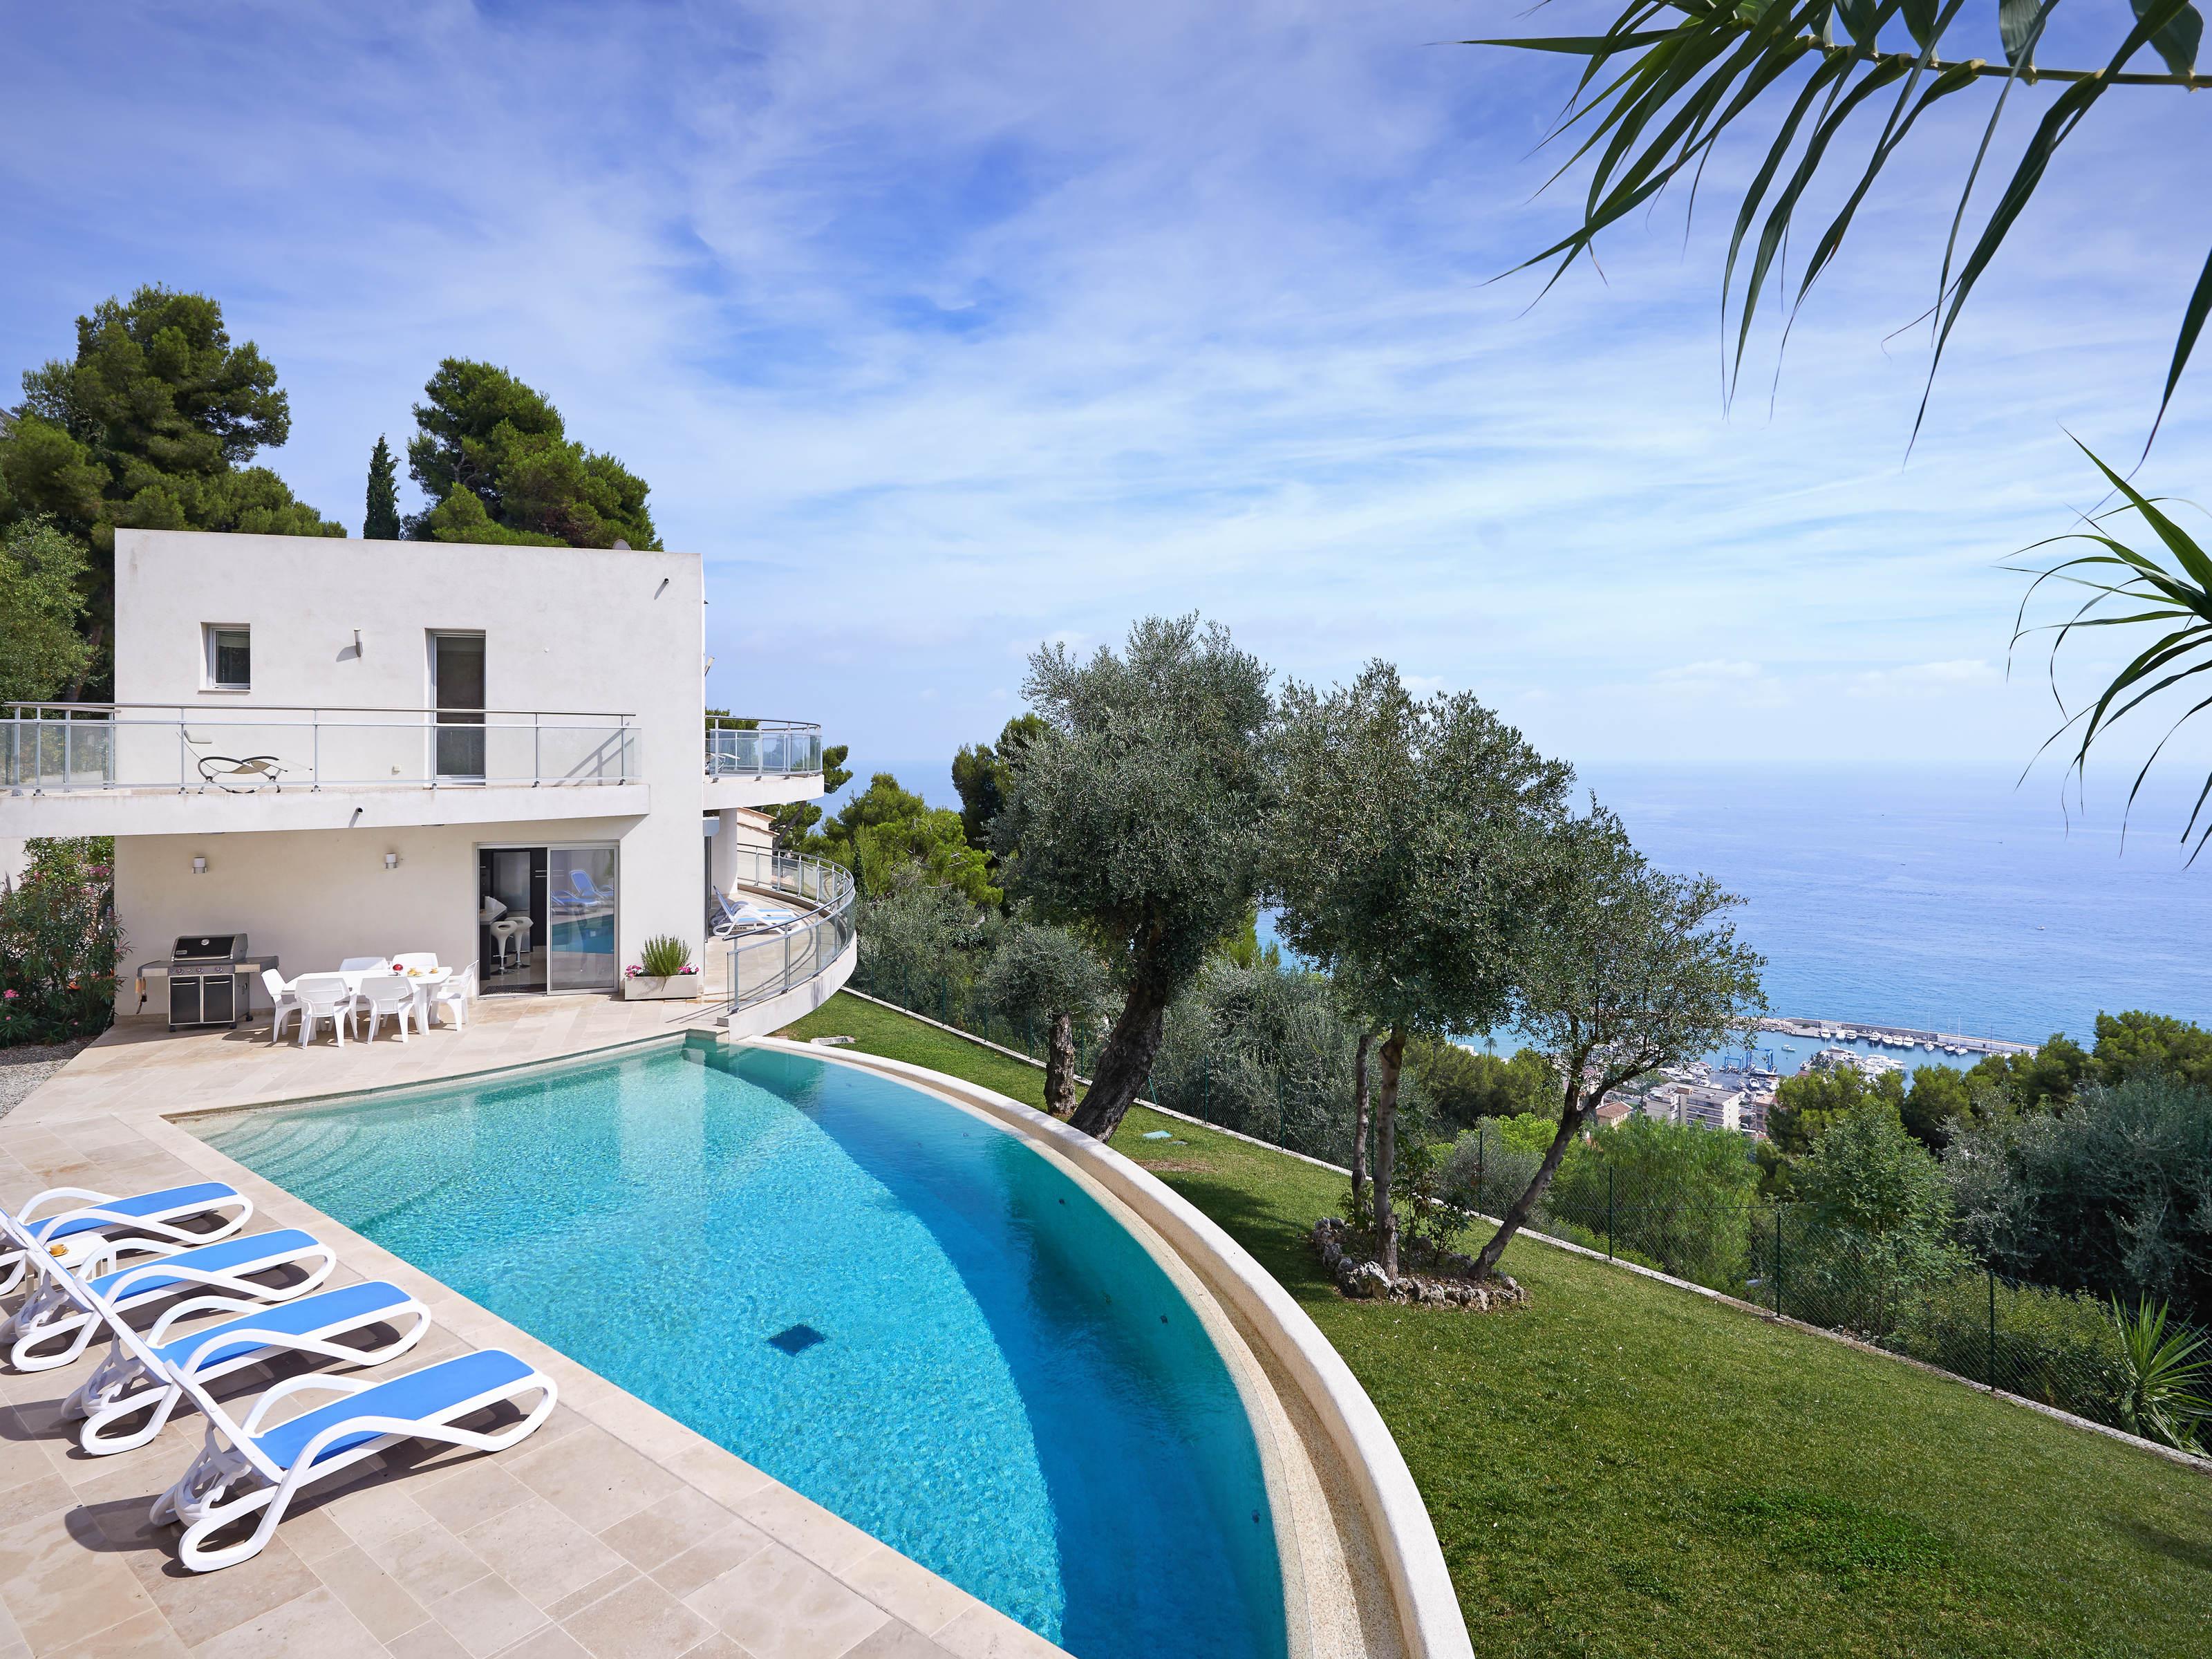 Maison unifamiliale pour l Vente à Villa Menton Other Provence-Alpes-Cote D'Azur, Provence-Alpes-Cote D'Azur 06500 France